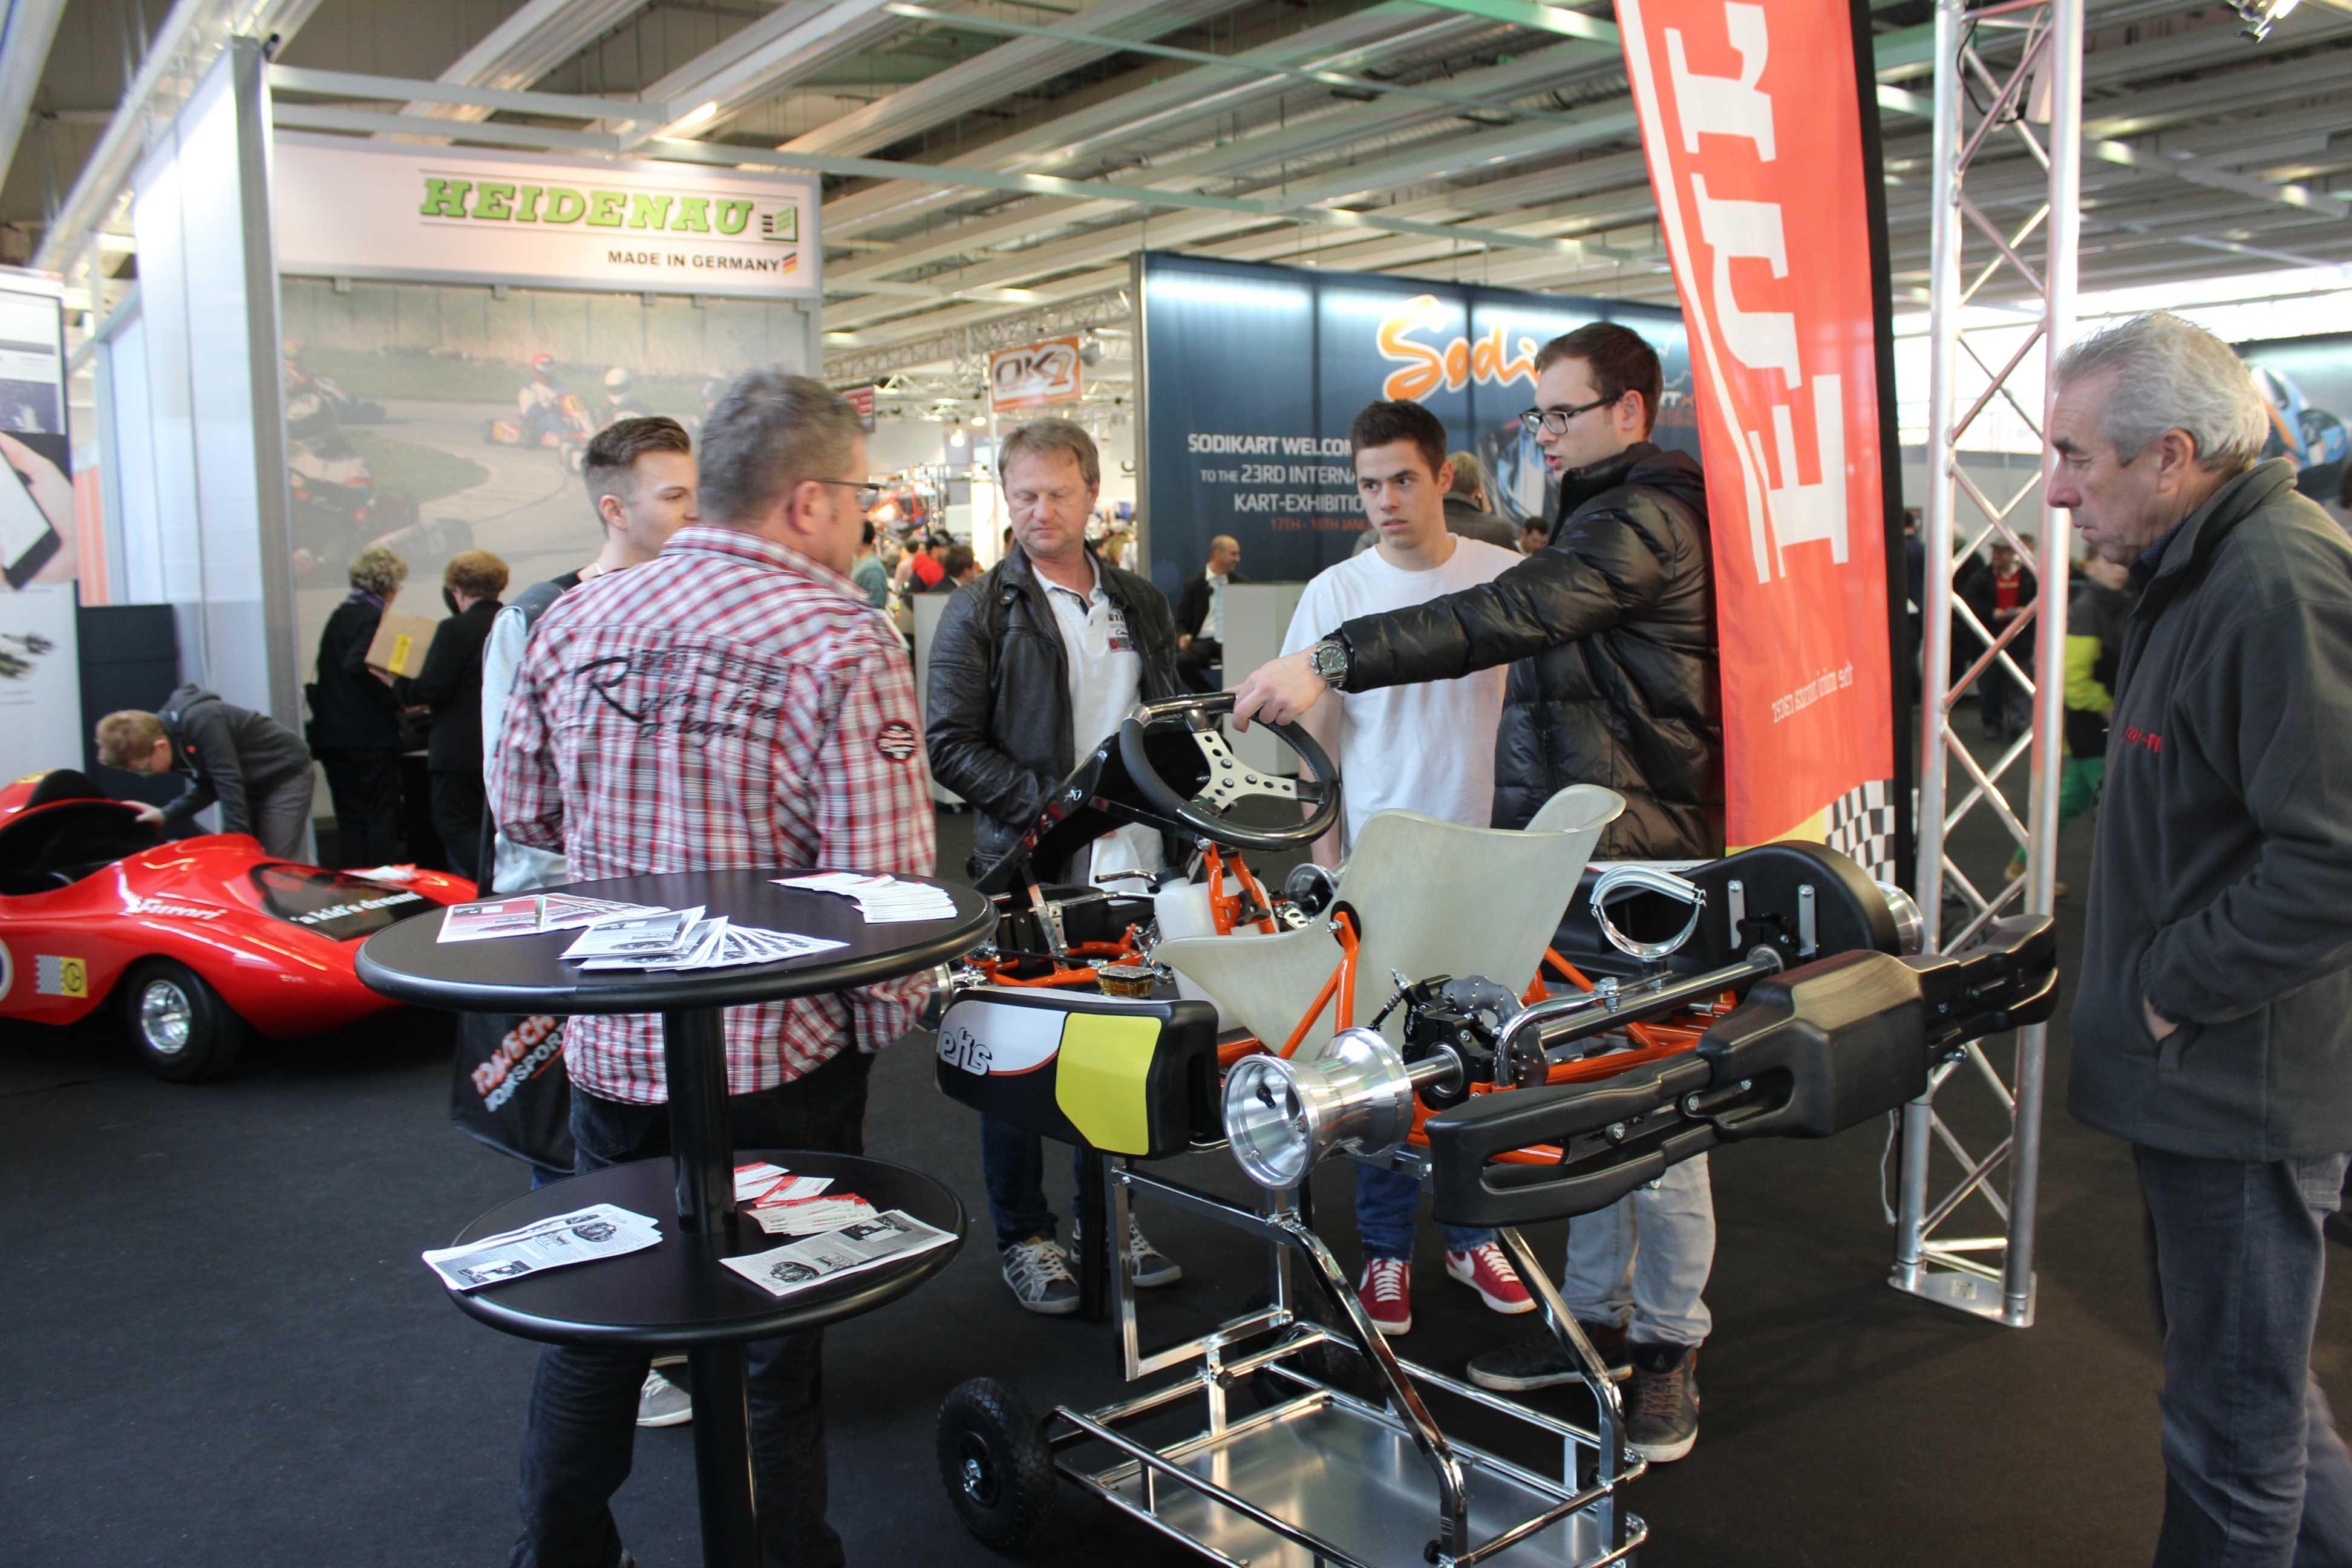 IZZI-FLEX Apresentação na Feira Internacional do Karting Alemanha9